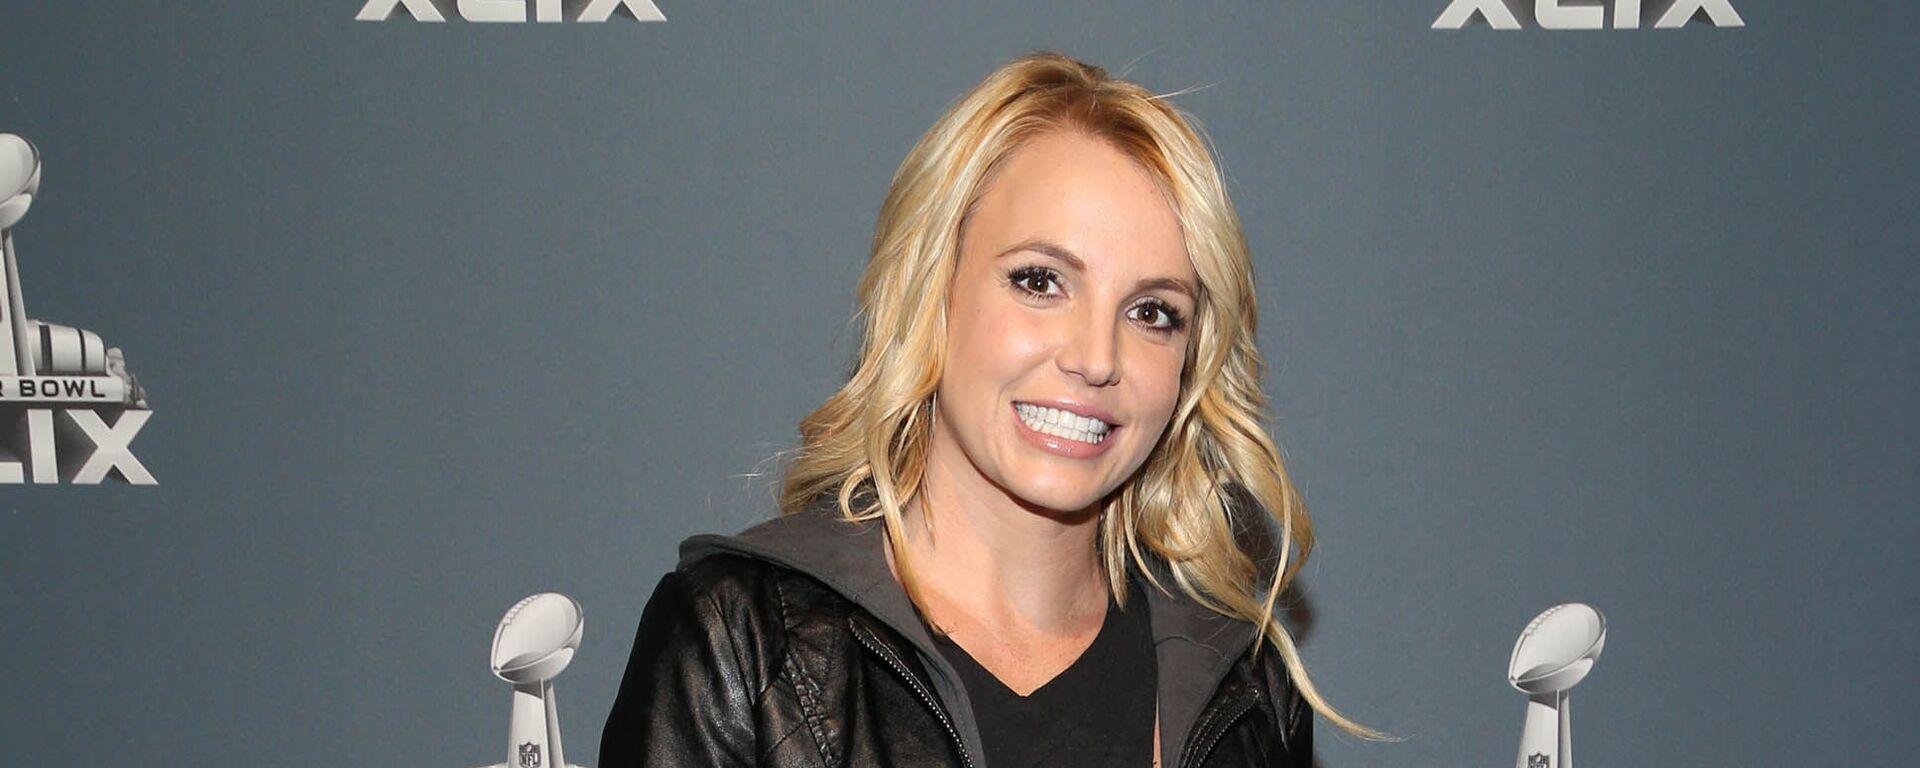 Populární americká zpěvačka Britney Spears - Sputnik Česká republika, 1920, 25.09.2021